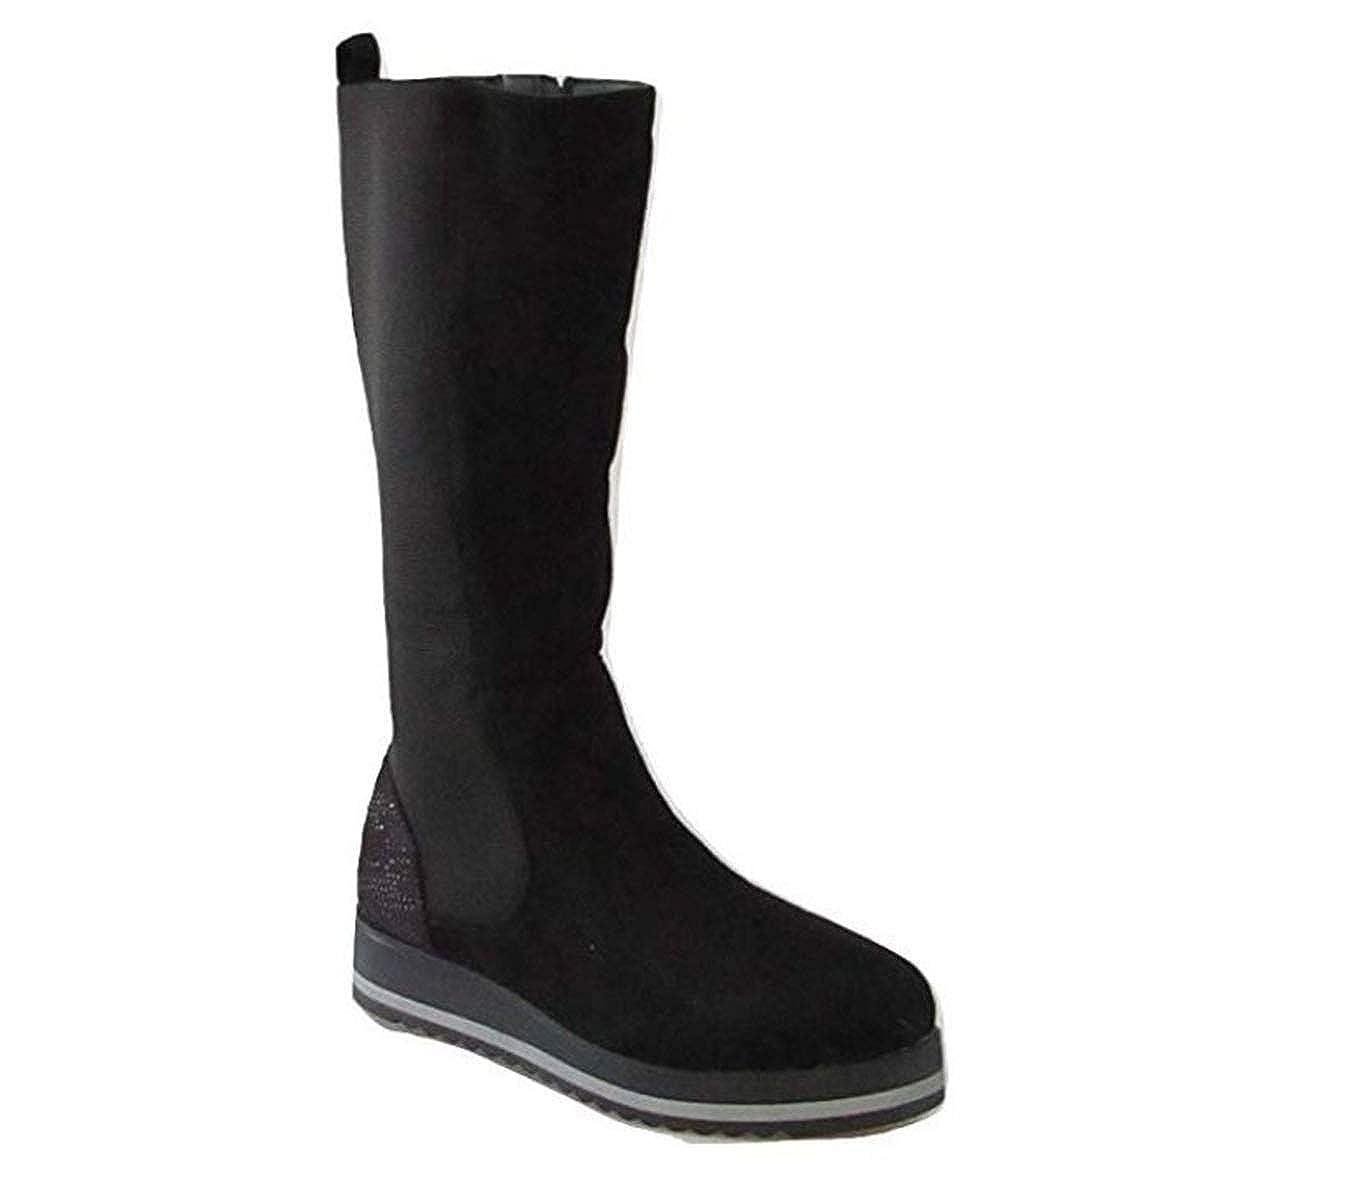 Onyx schuhe damen Stiefel camoscio schwarz schwarz schwarz W18-SOX305 a38d41